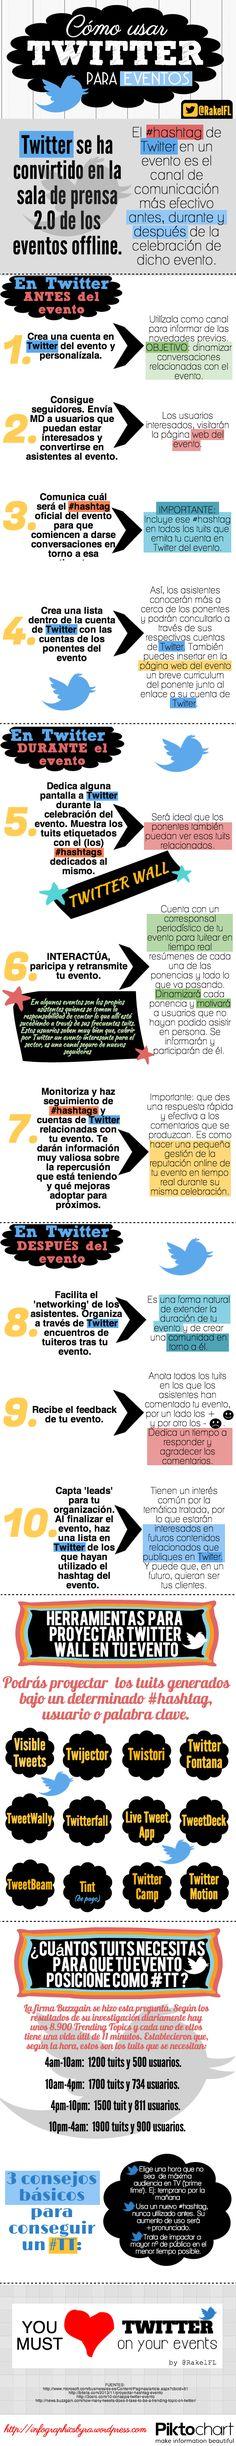 Cómo usar Twitter para eventos 2.0  #SocialMedia #CommuntityManager